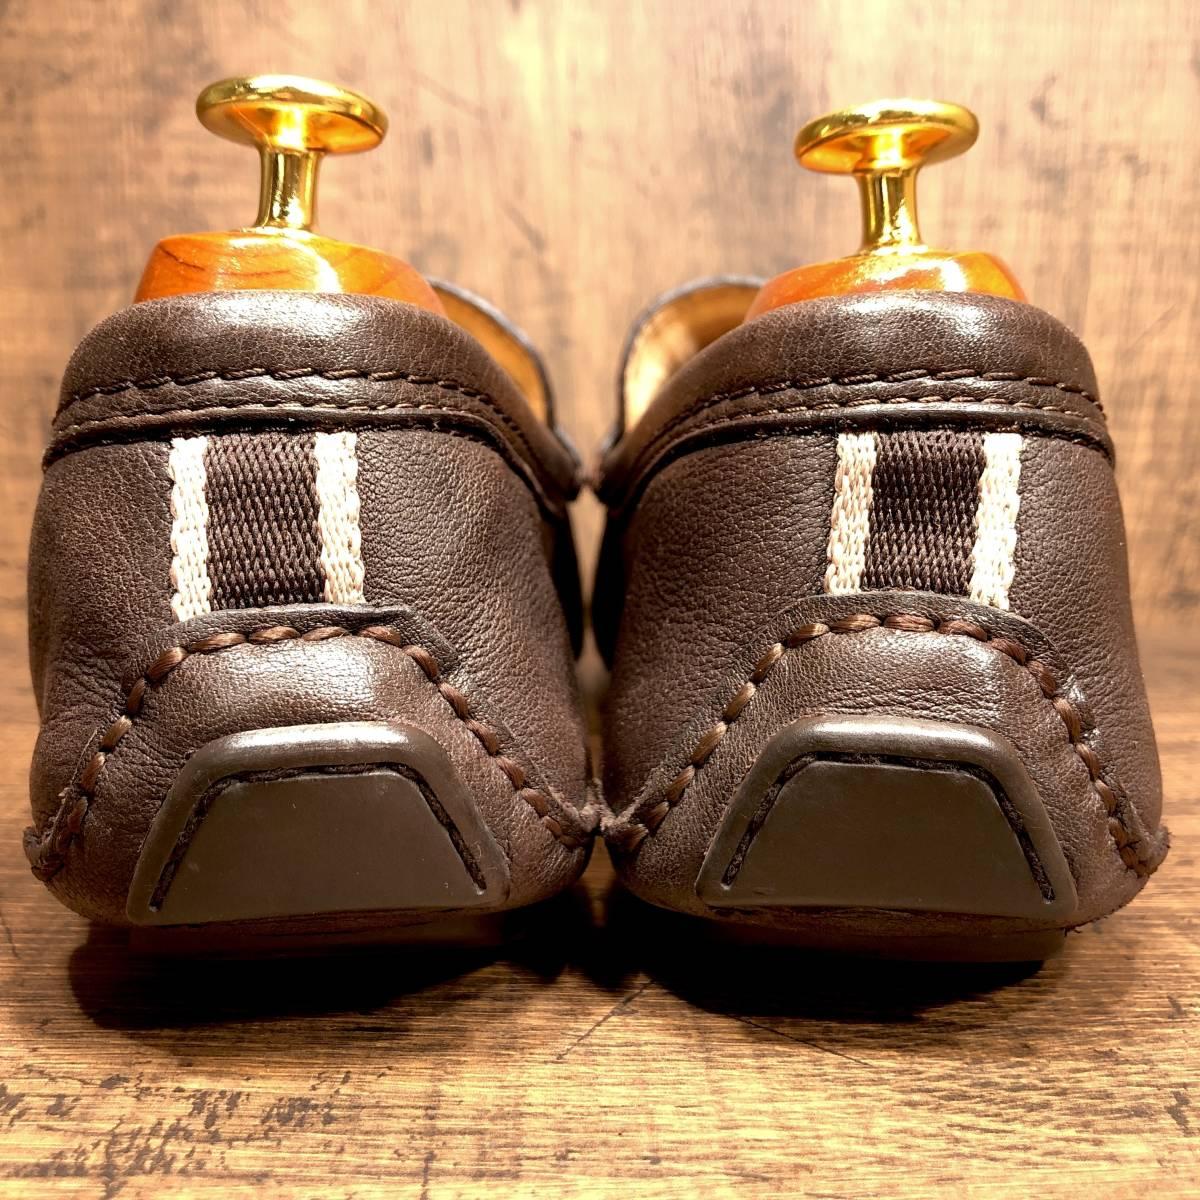 ■COACH■ 26cm 茶 ブラウン コーチ ドライビングシューズ コインローファー メンズ 革靴 靴 本革 ビジネス ドレス くつ 即決_画像2